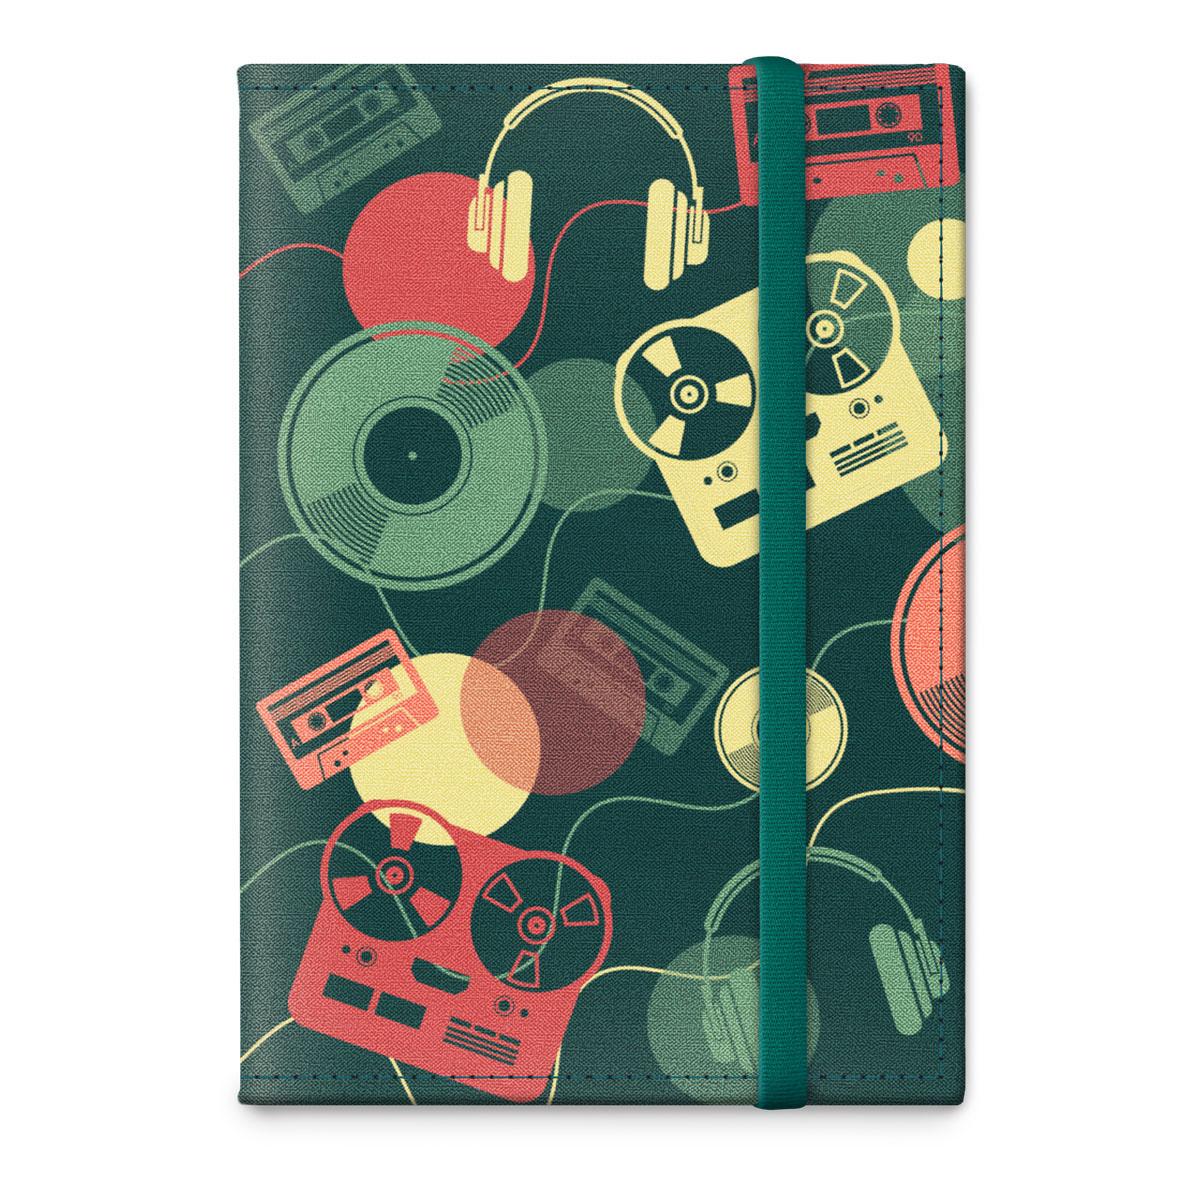 Обложка для паспорта ОРЗ-дизайн Диджей, цвет: синий, красный. Орз-0324Орз-0324Обложка на паспорт текстильная с авторским принтом